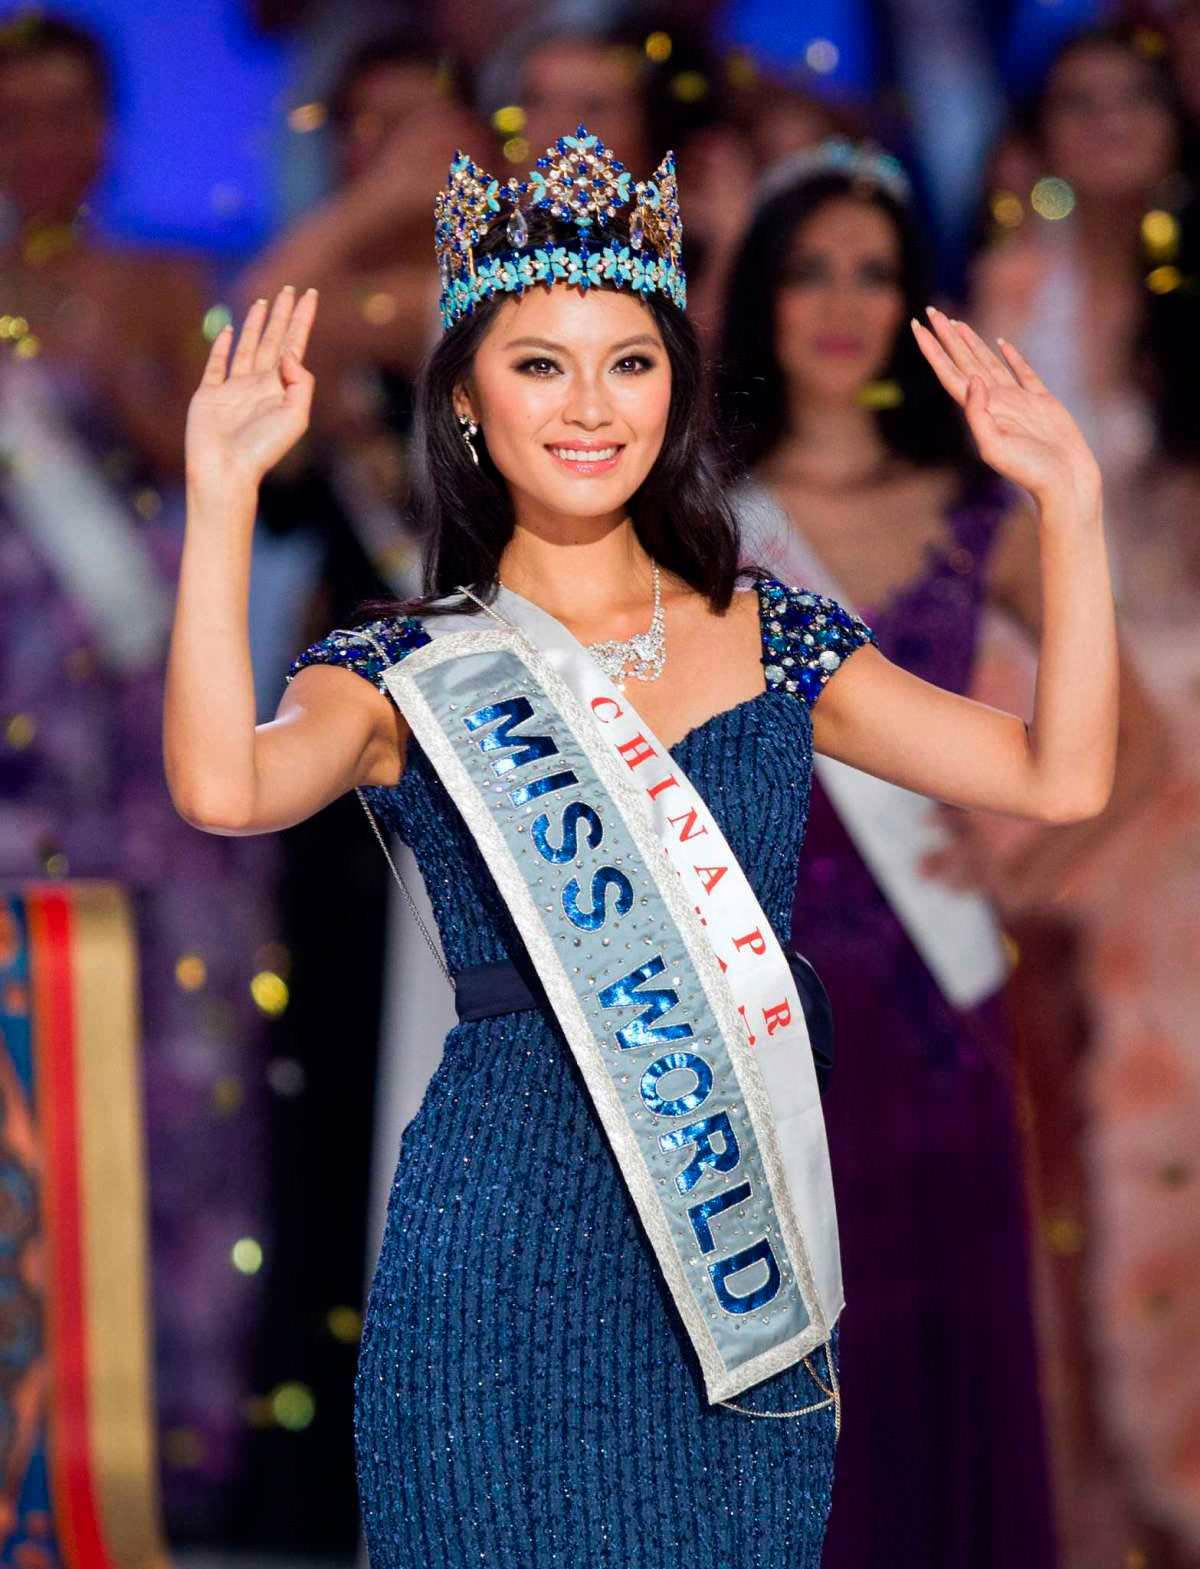 Фото | Мисс Мира 2012 года Юй Вэнься